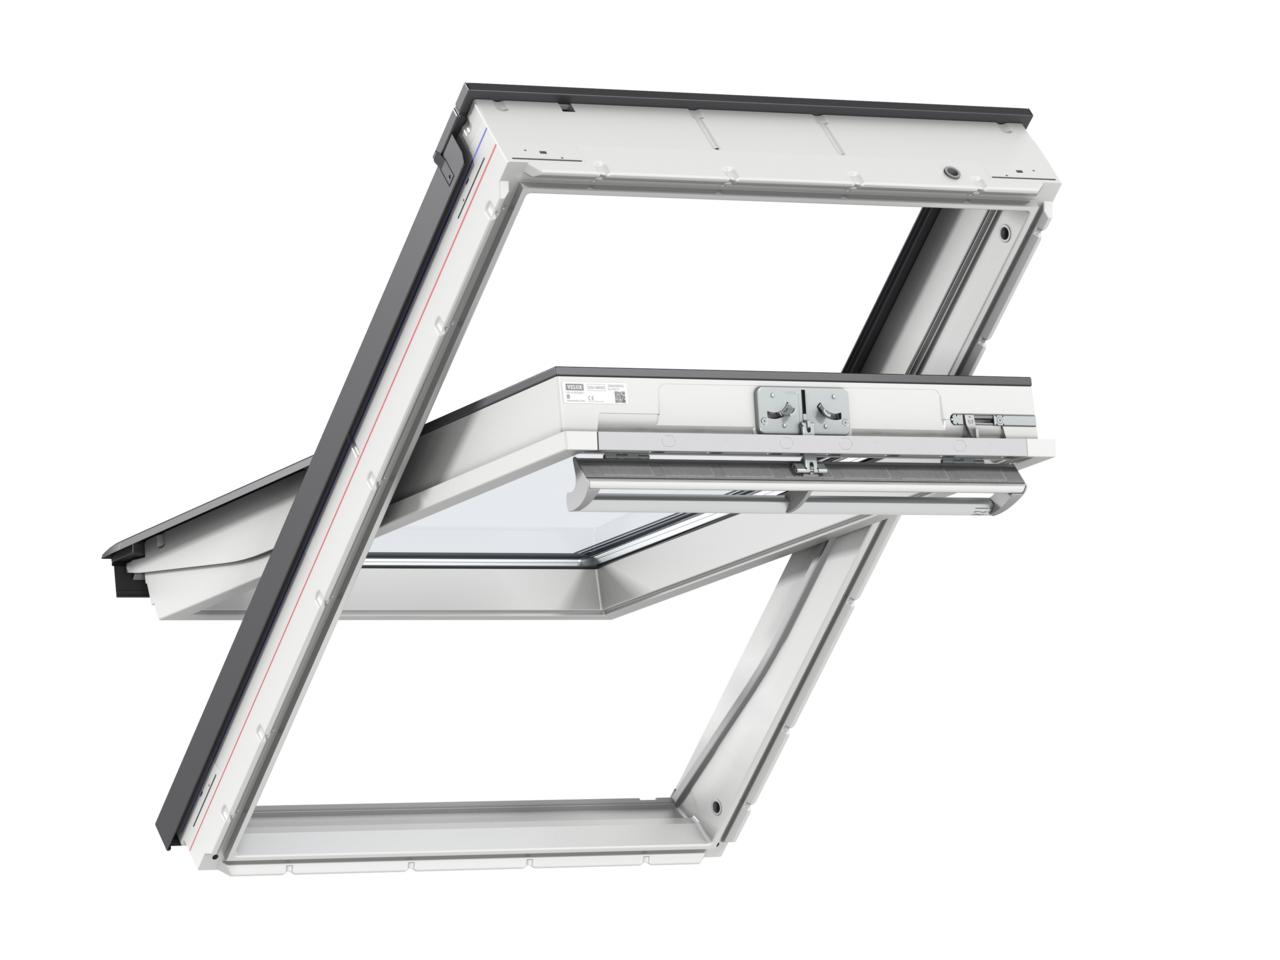 Střešní okno VELUX GGU 0068 rozměr: CK02 55x78 cm